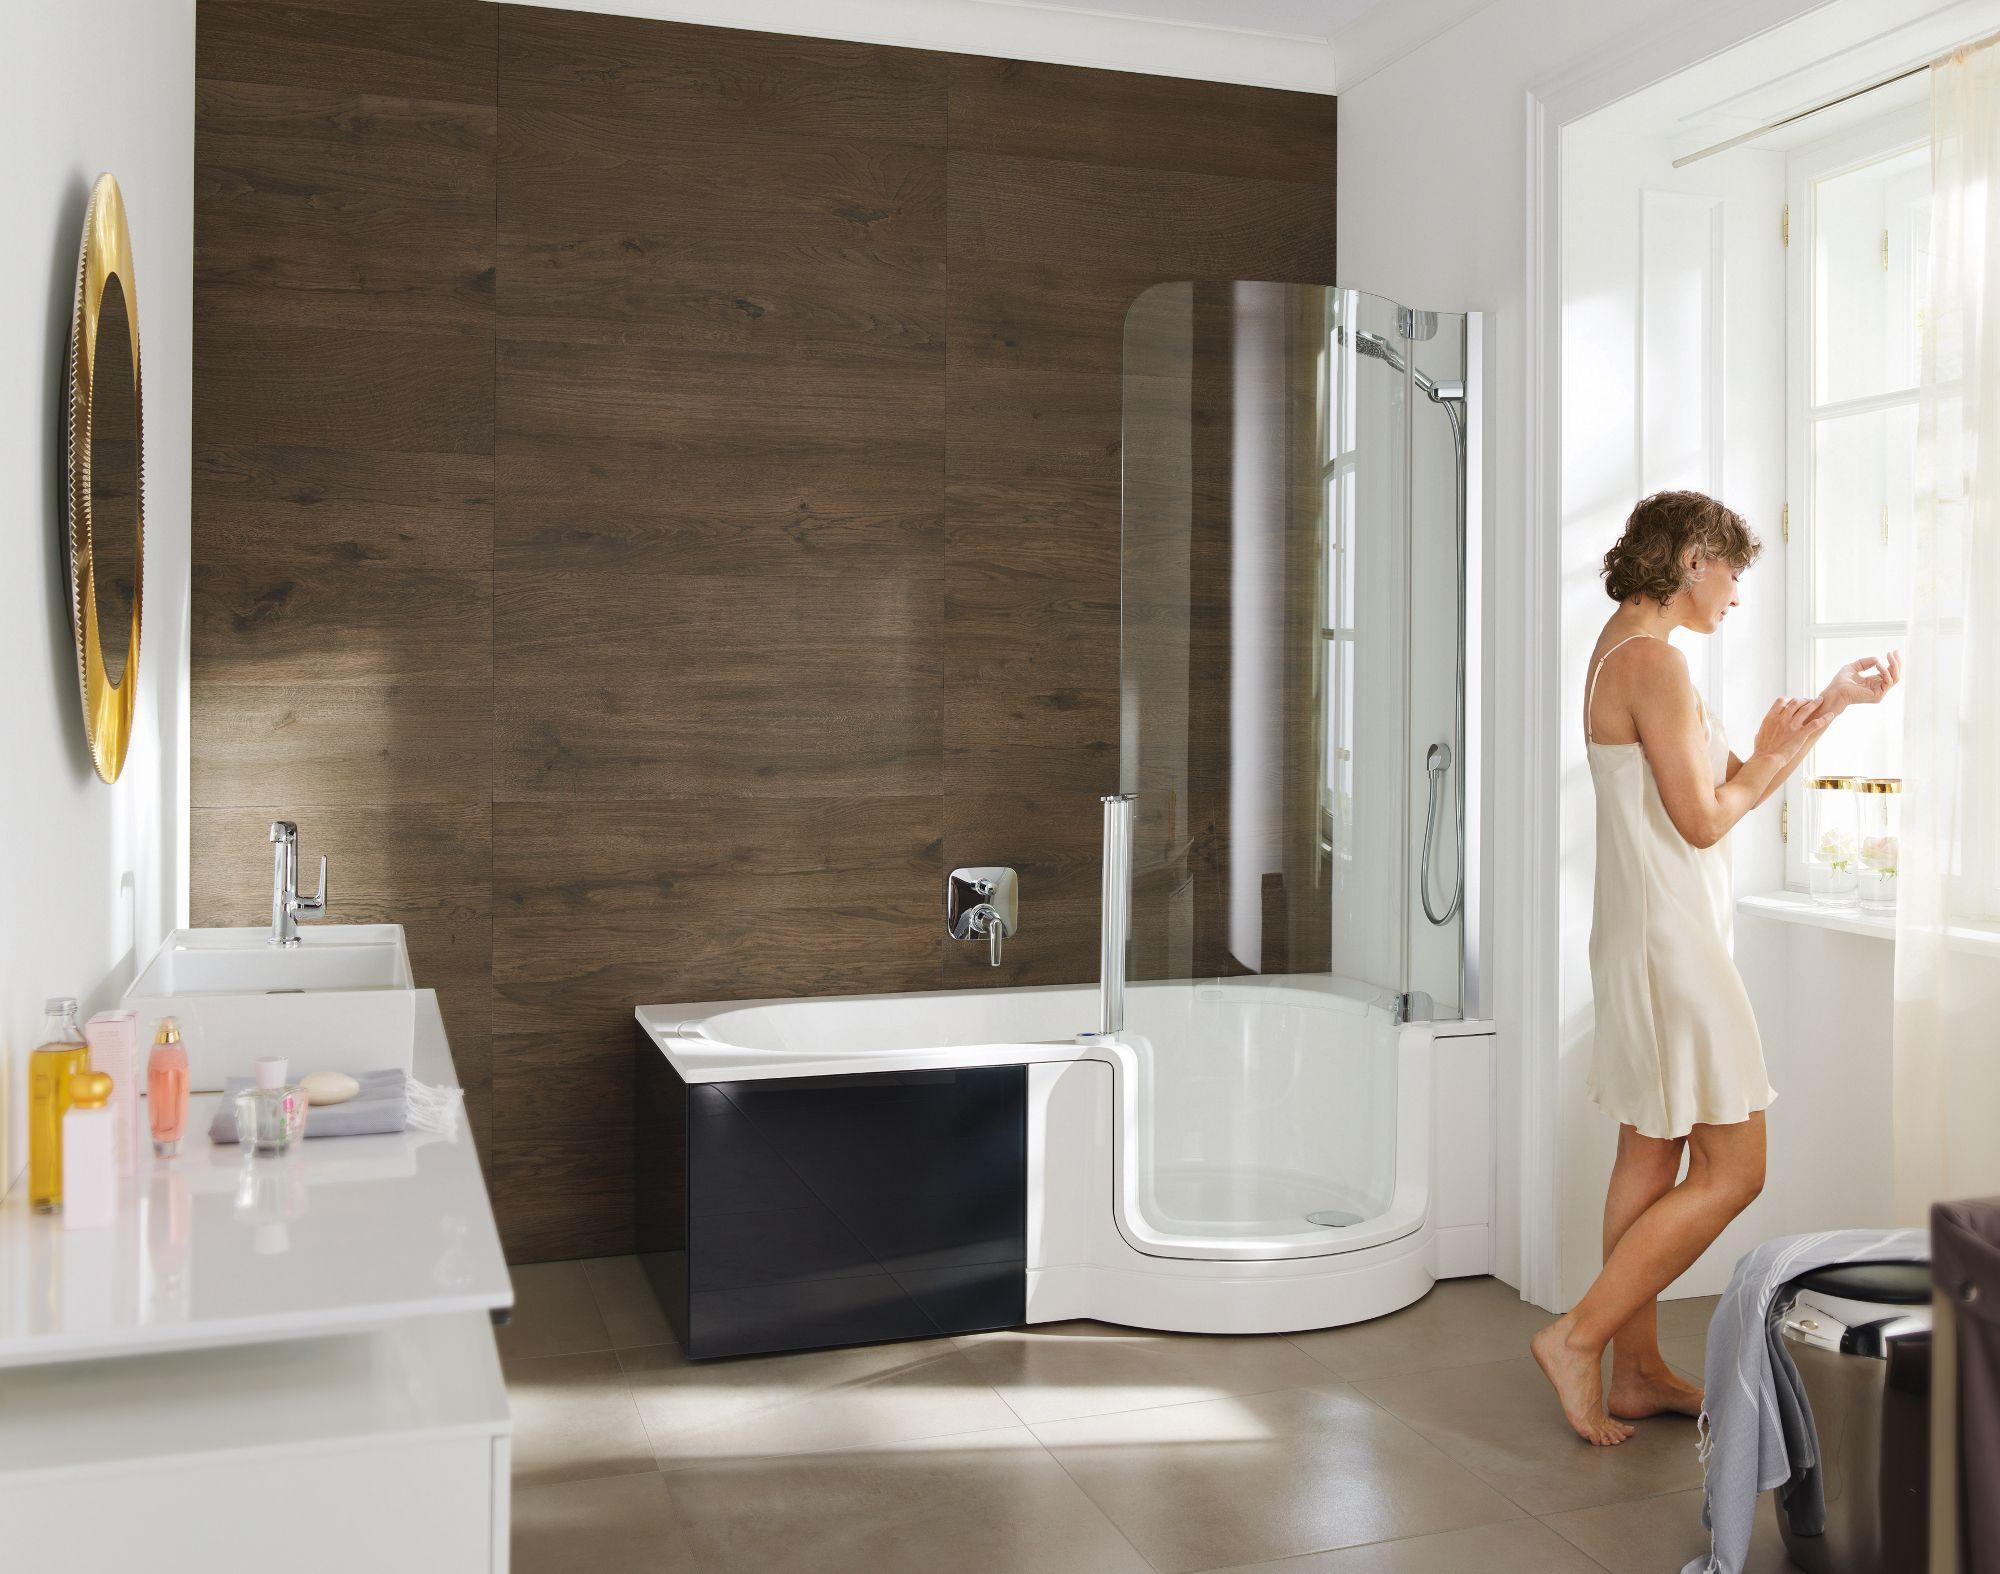 Komfortabel Und Praktisch Walk In Duschen Duschbadewanne Badewanne Eckig Und Wanne Mit Dusche